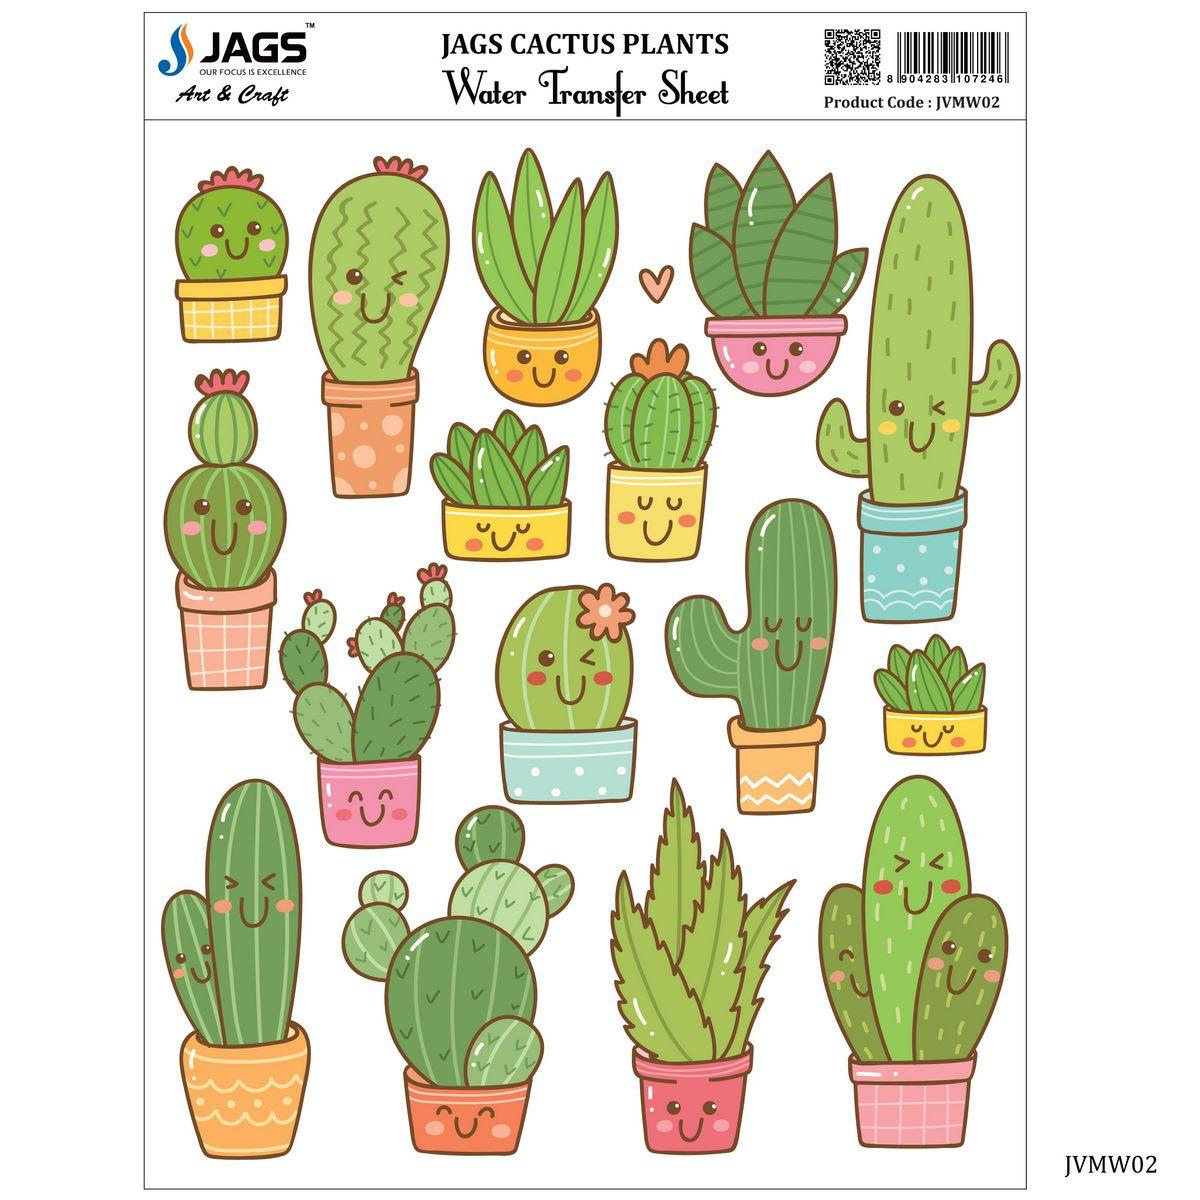 JAGS Water Transfer Sheet Cactus Plants JVMW02